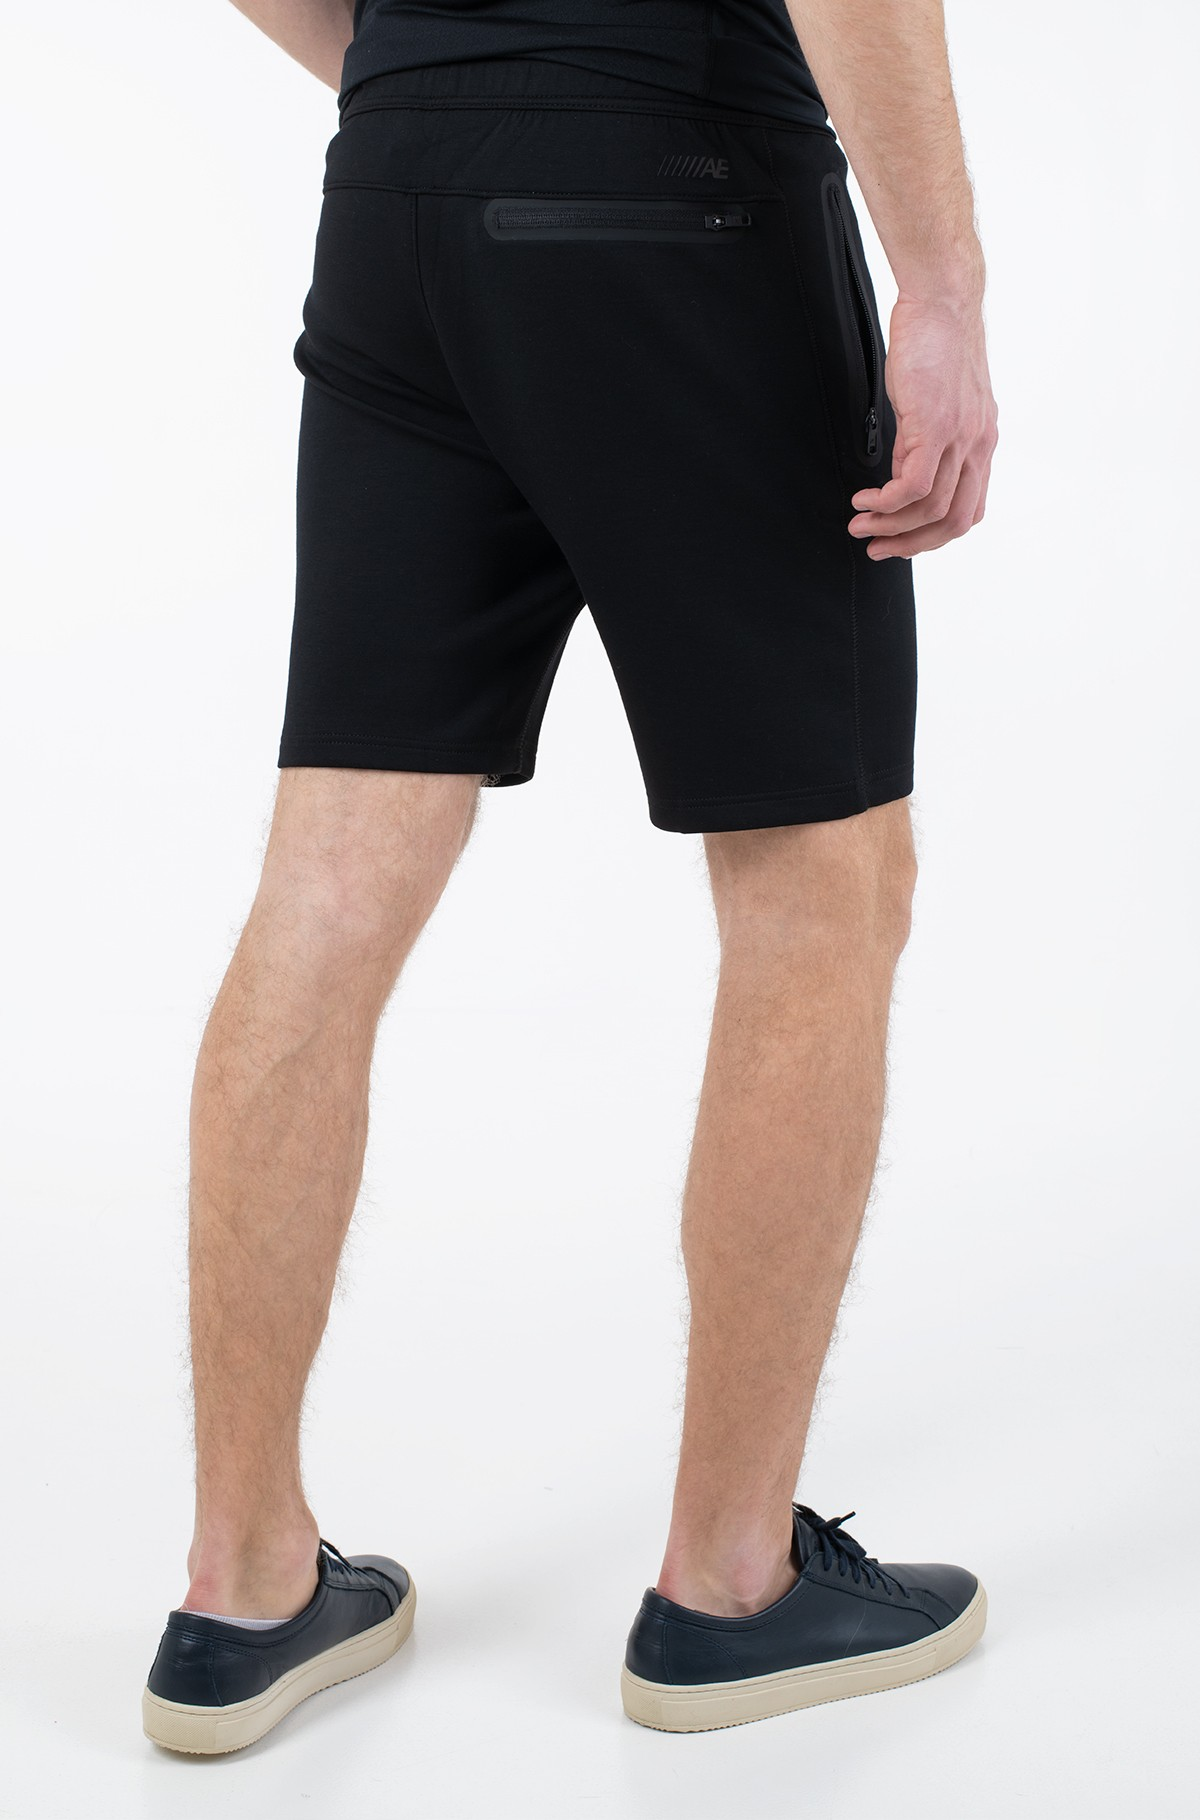 Short sports pants 013-1130-6890-full-2